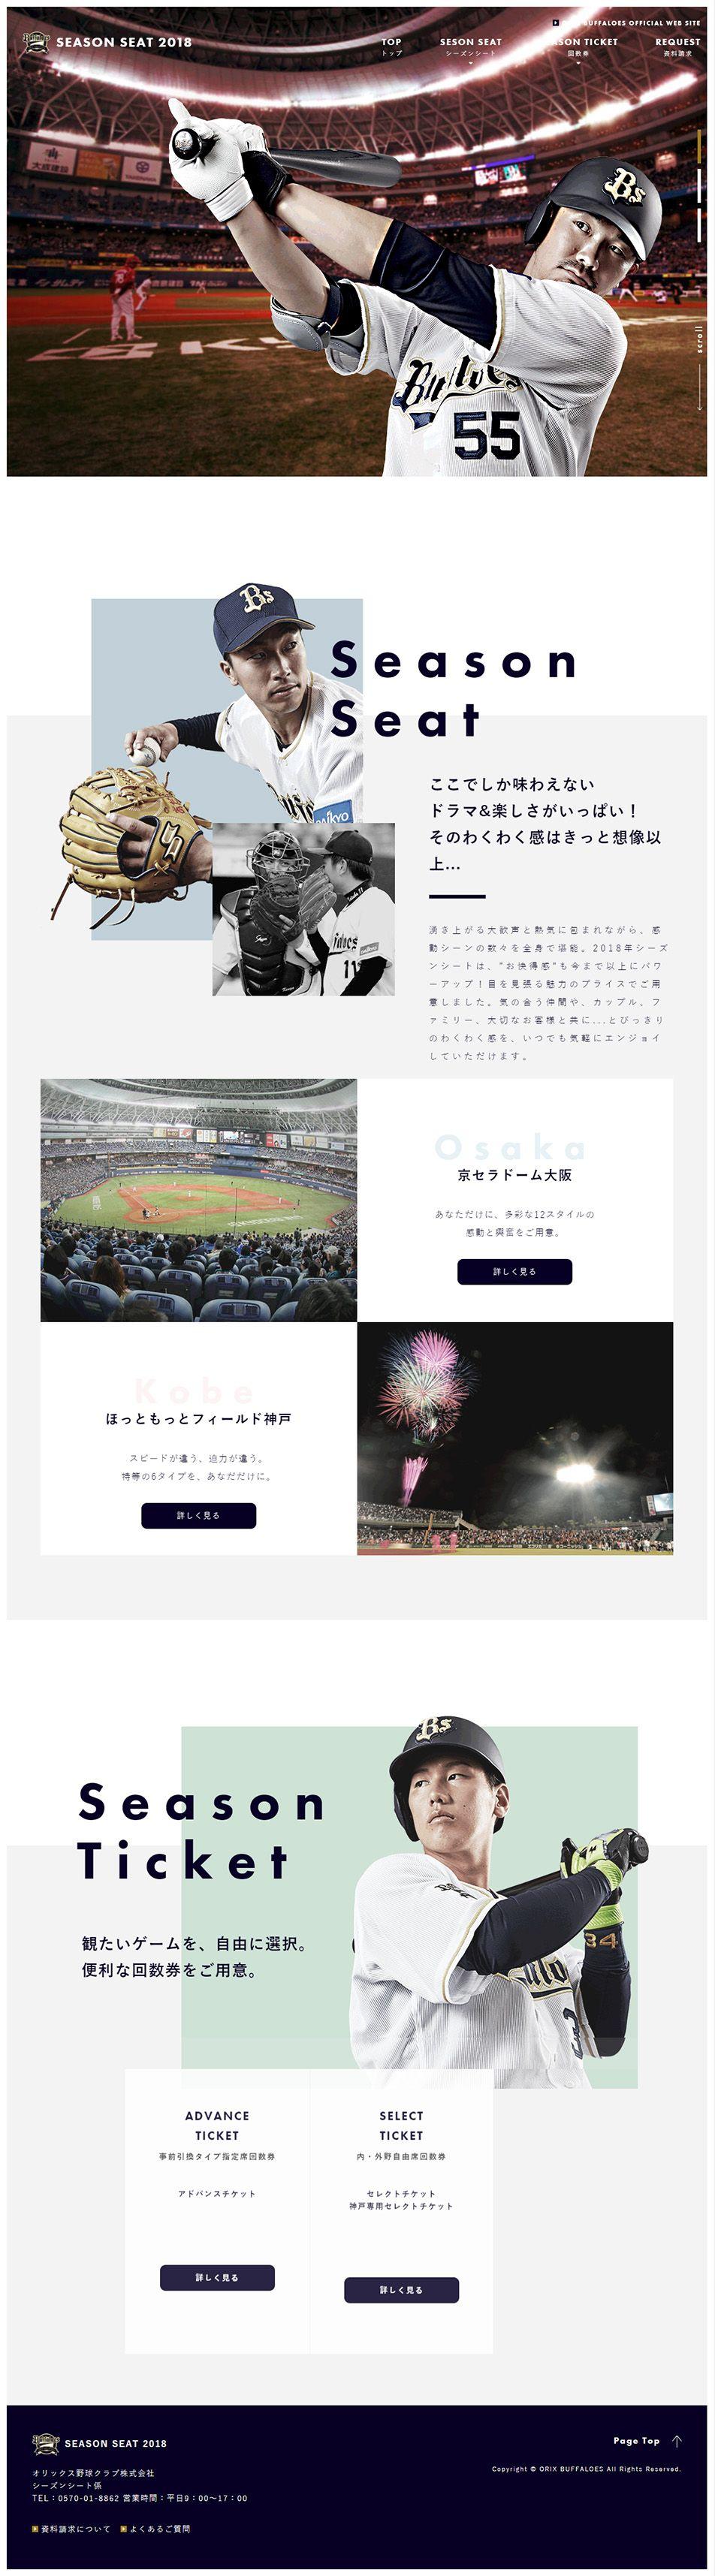 Photo of オリックス野球クラブ株式会社様の「SEASON SEAT 2018」のランディングページ(LP)かっこいい系|スポーツ